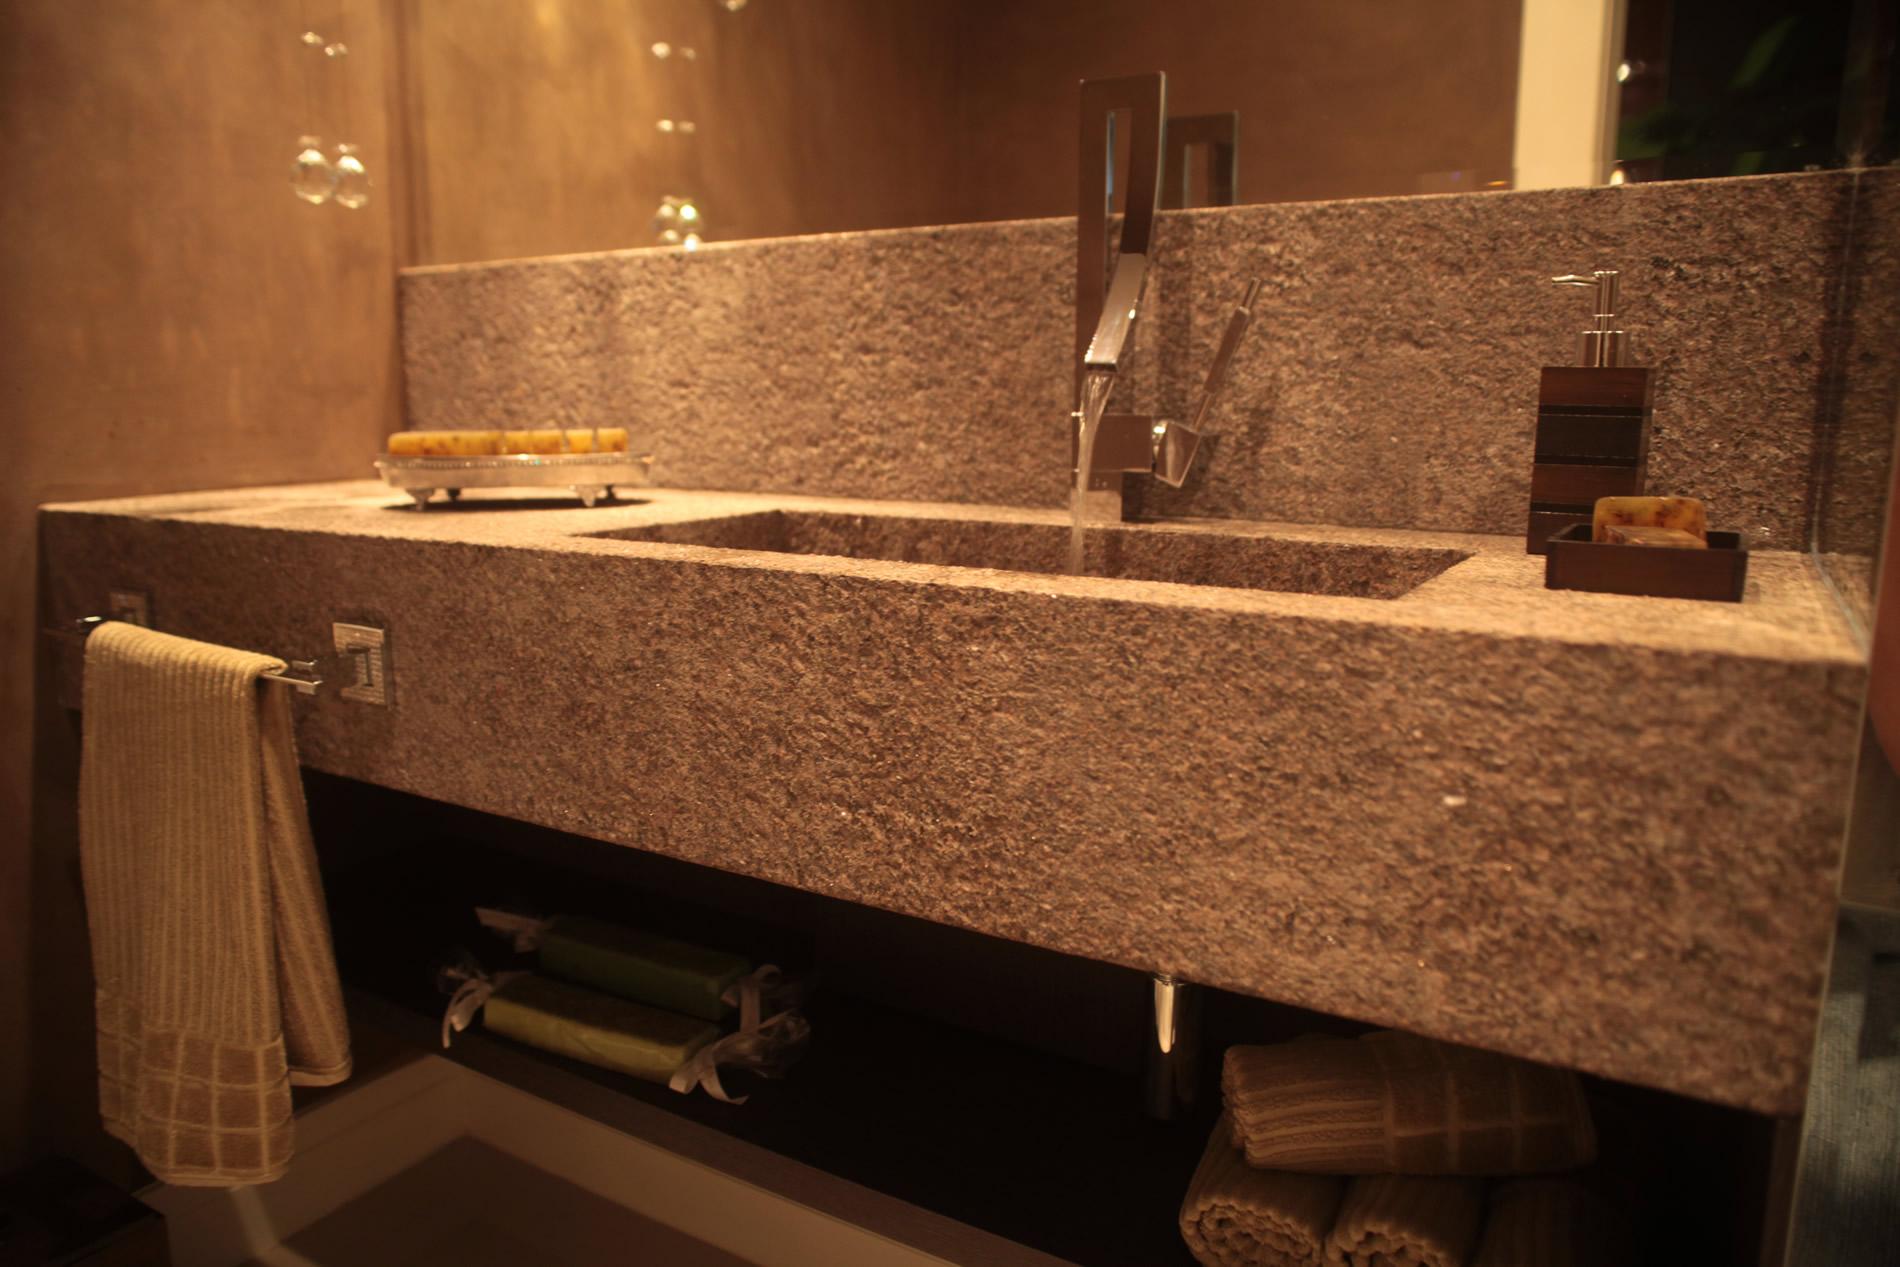 gemauerter waschtisch der gemauerte waschtisch im bad. Black Bedroom Furniture Sets. Home Design Ideas